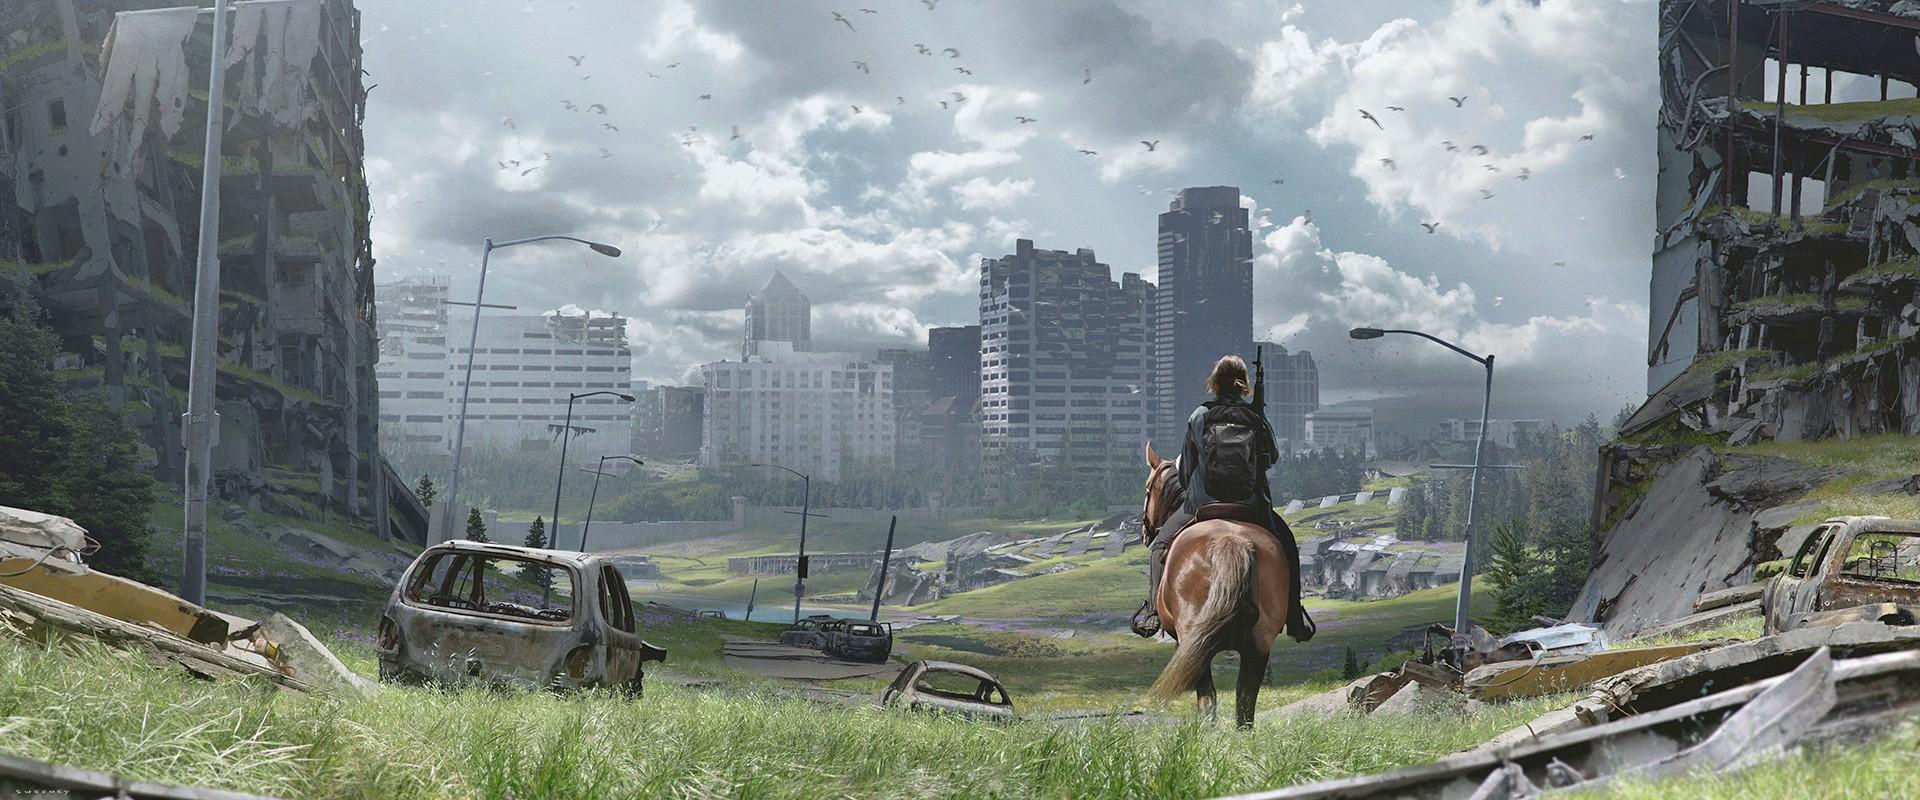 The Last of Us Part II | Imagens de arte conceitual e mais